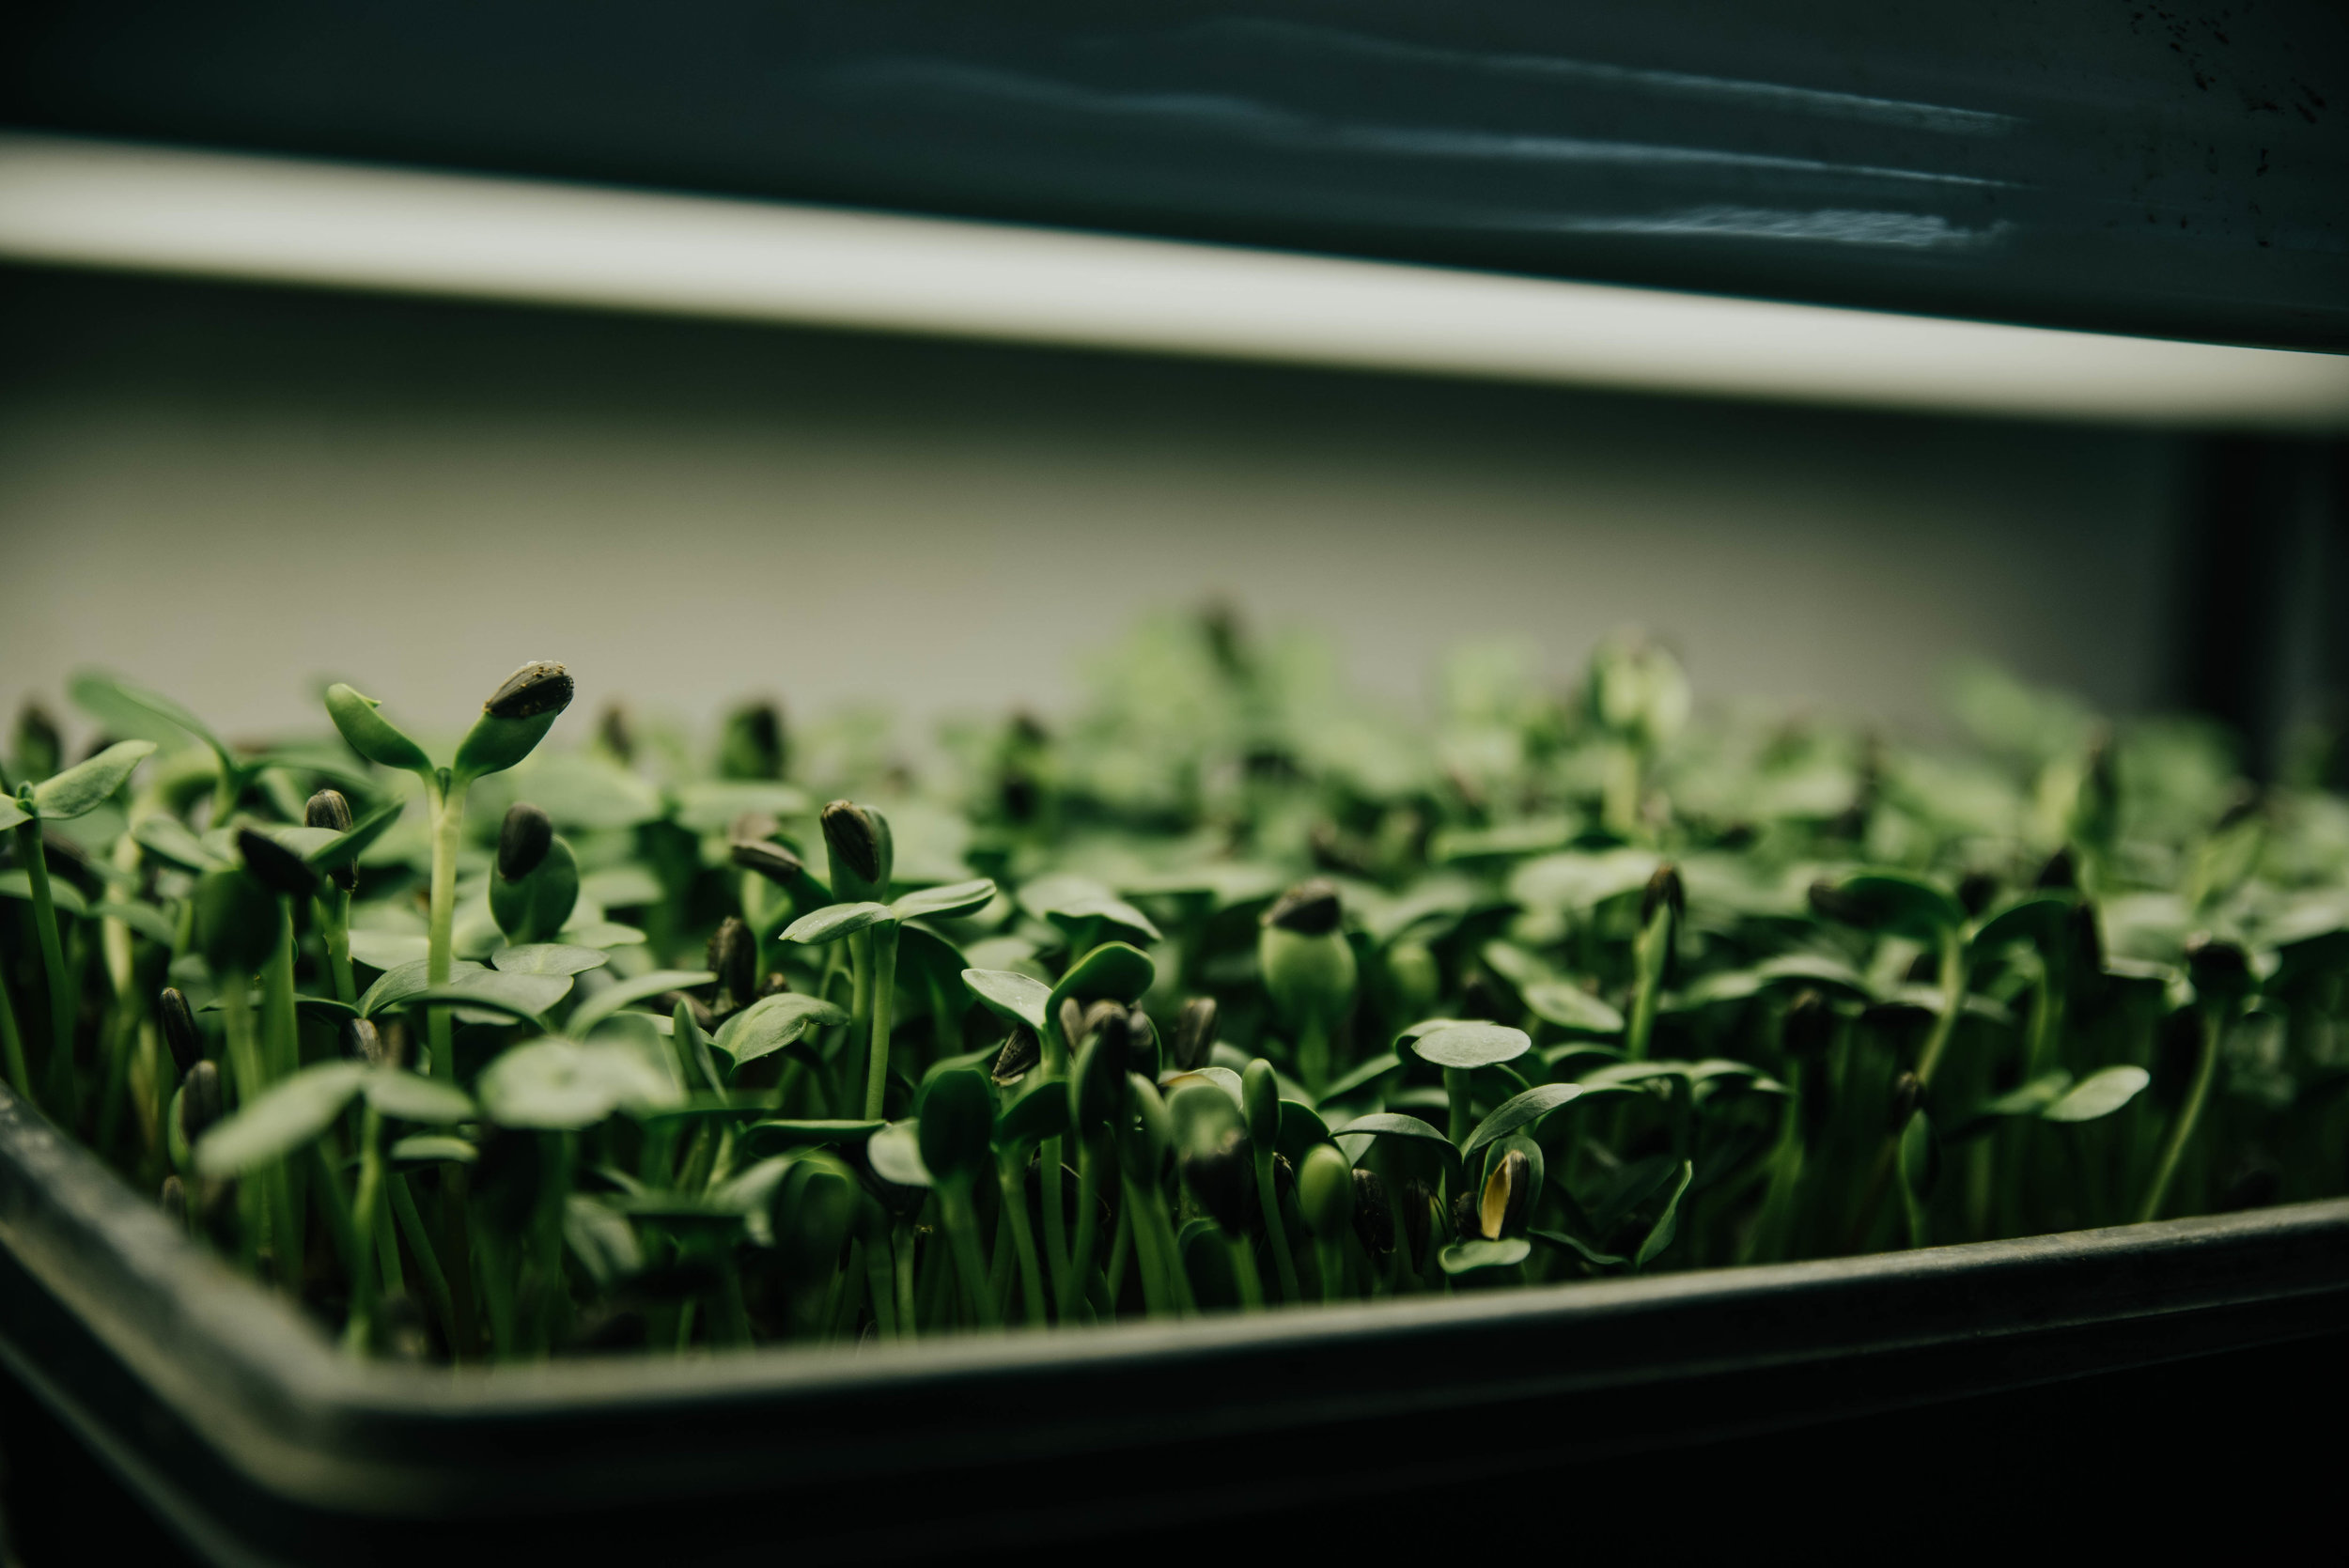 pea shoots.jpg